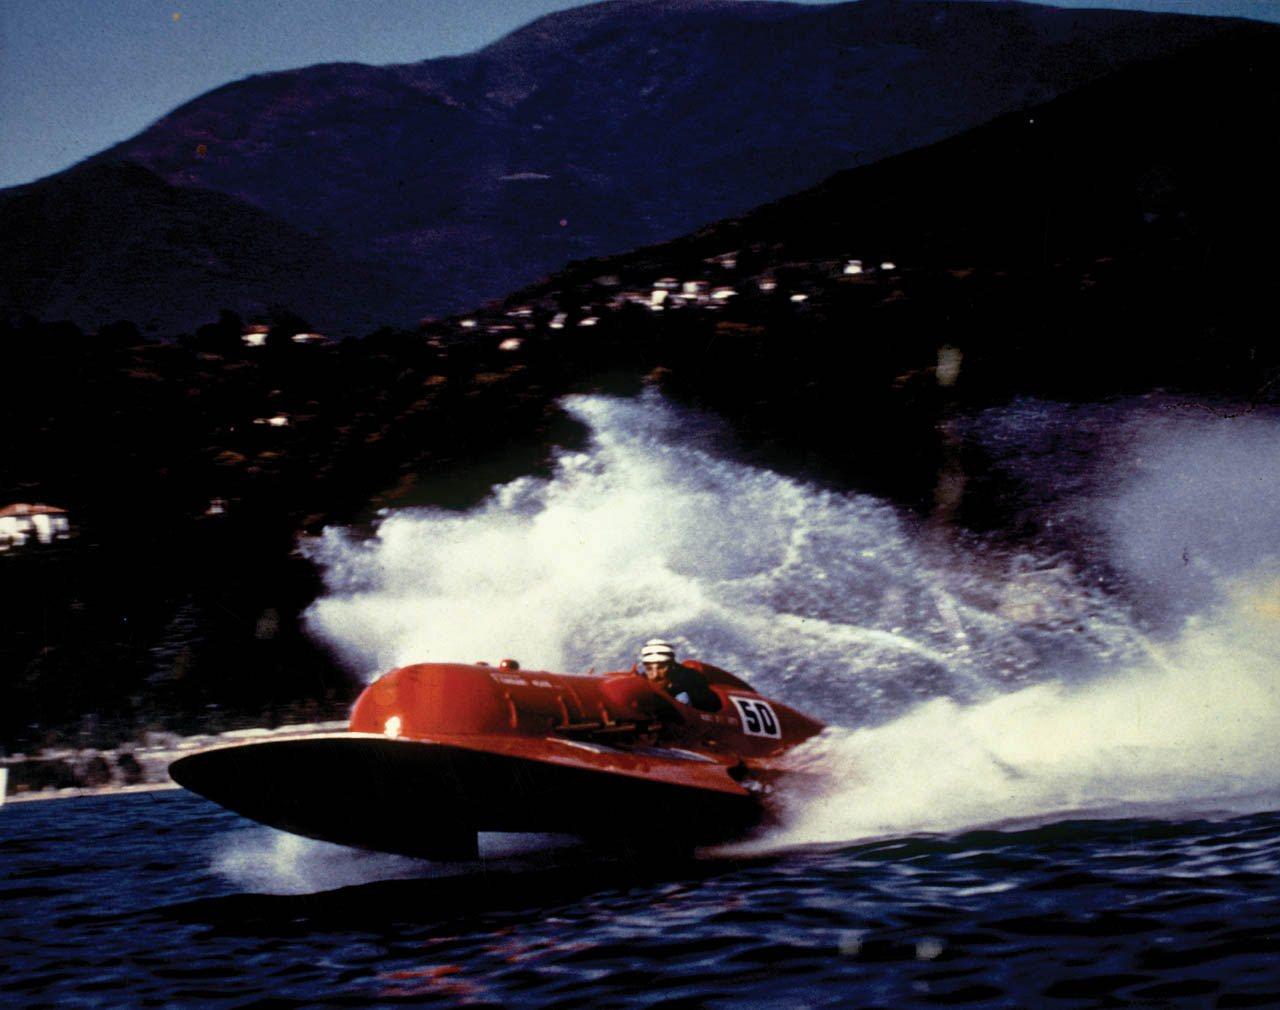 1953-timossi-ferrari-arno-xi-racing-hydroplane_60-100